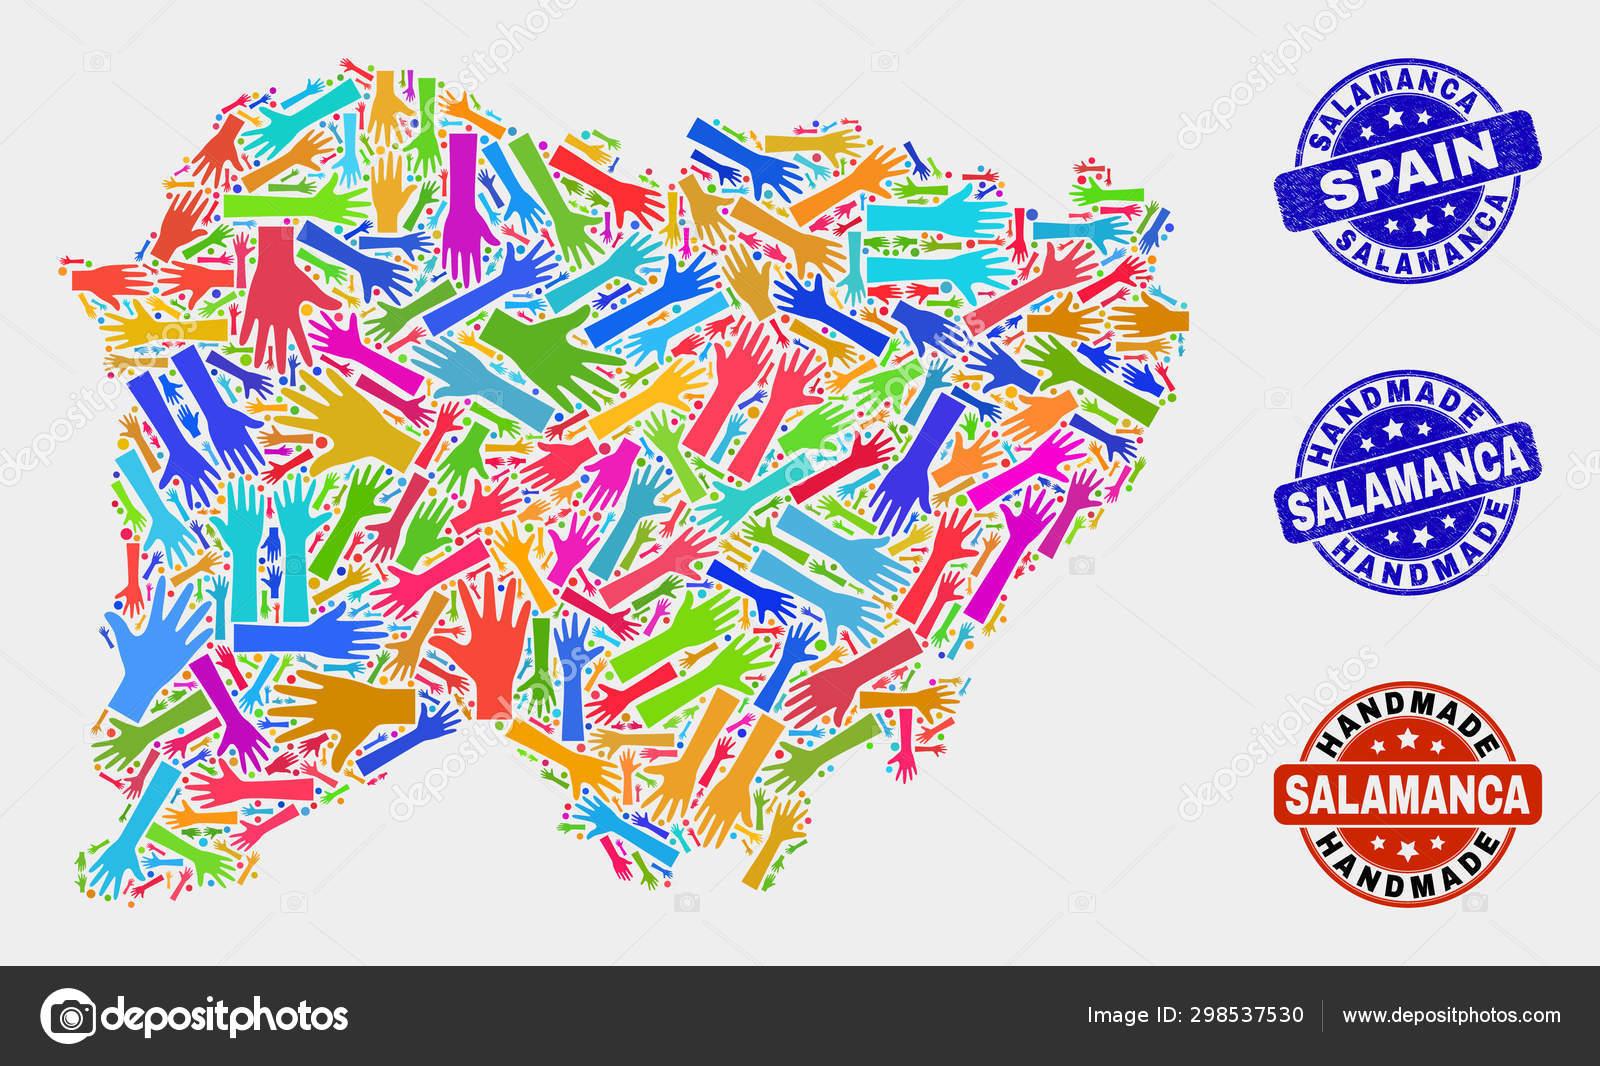 Provincia De Salamanca Mapa.Collage De Manos De La Provincia De Salamanca Mapa Y Grunge